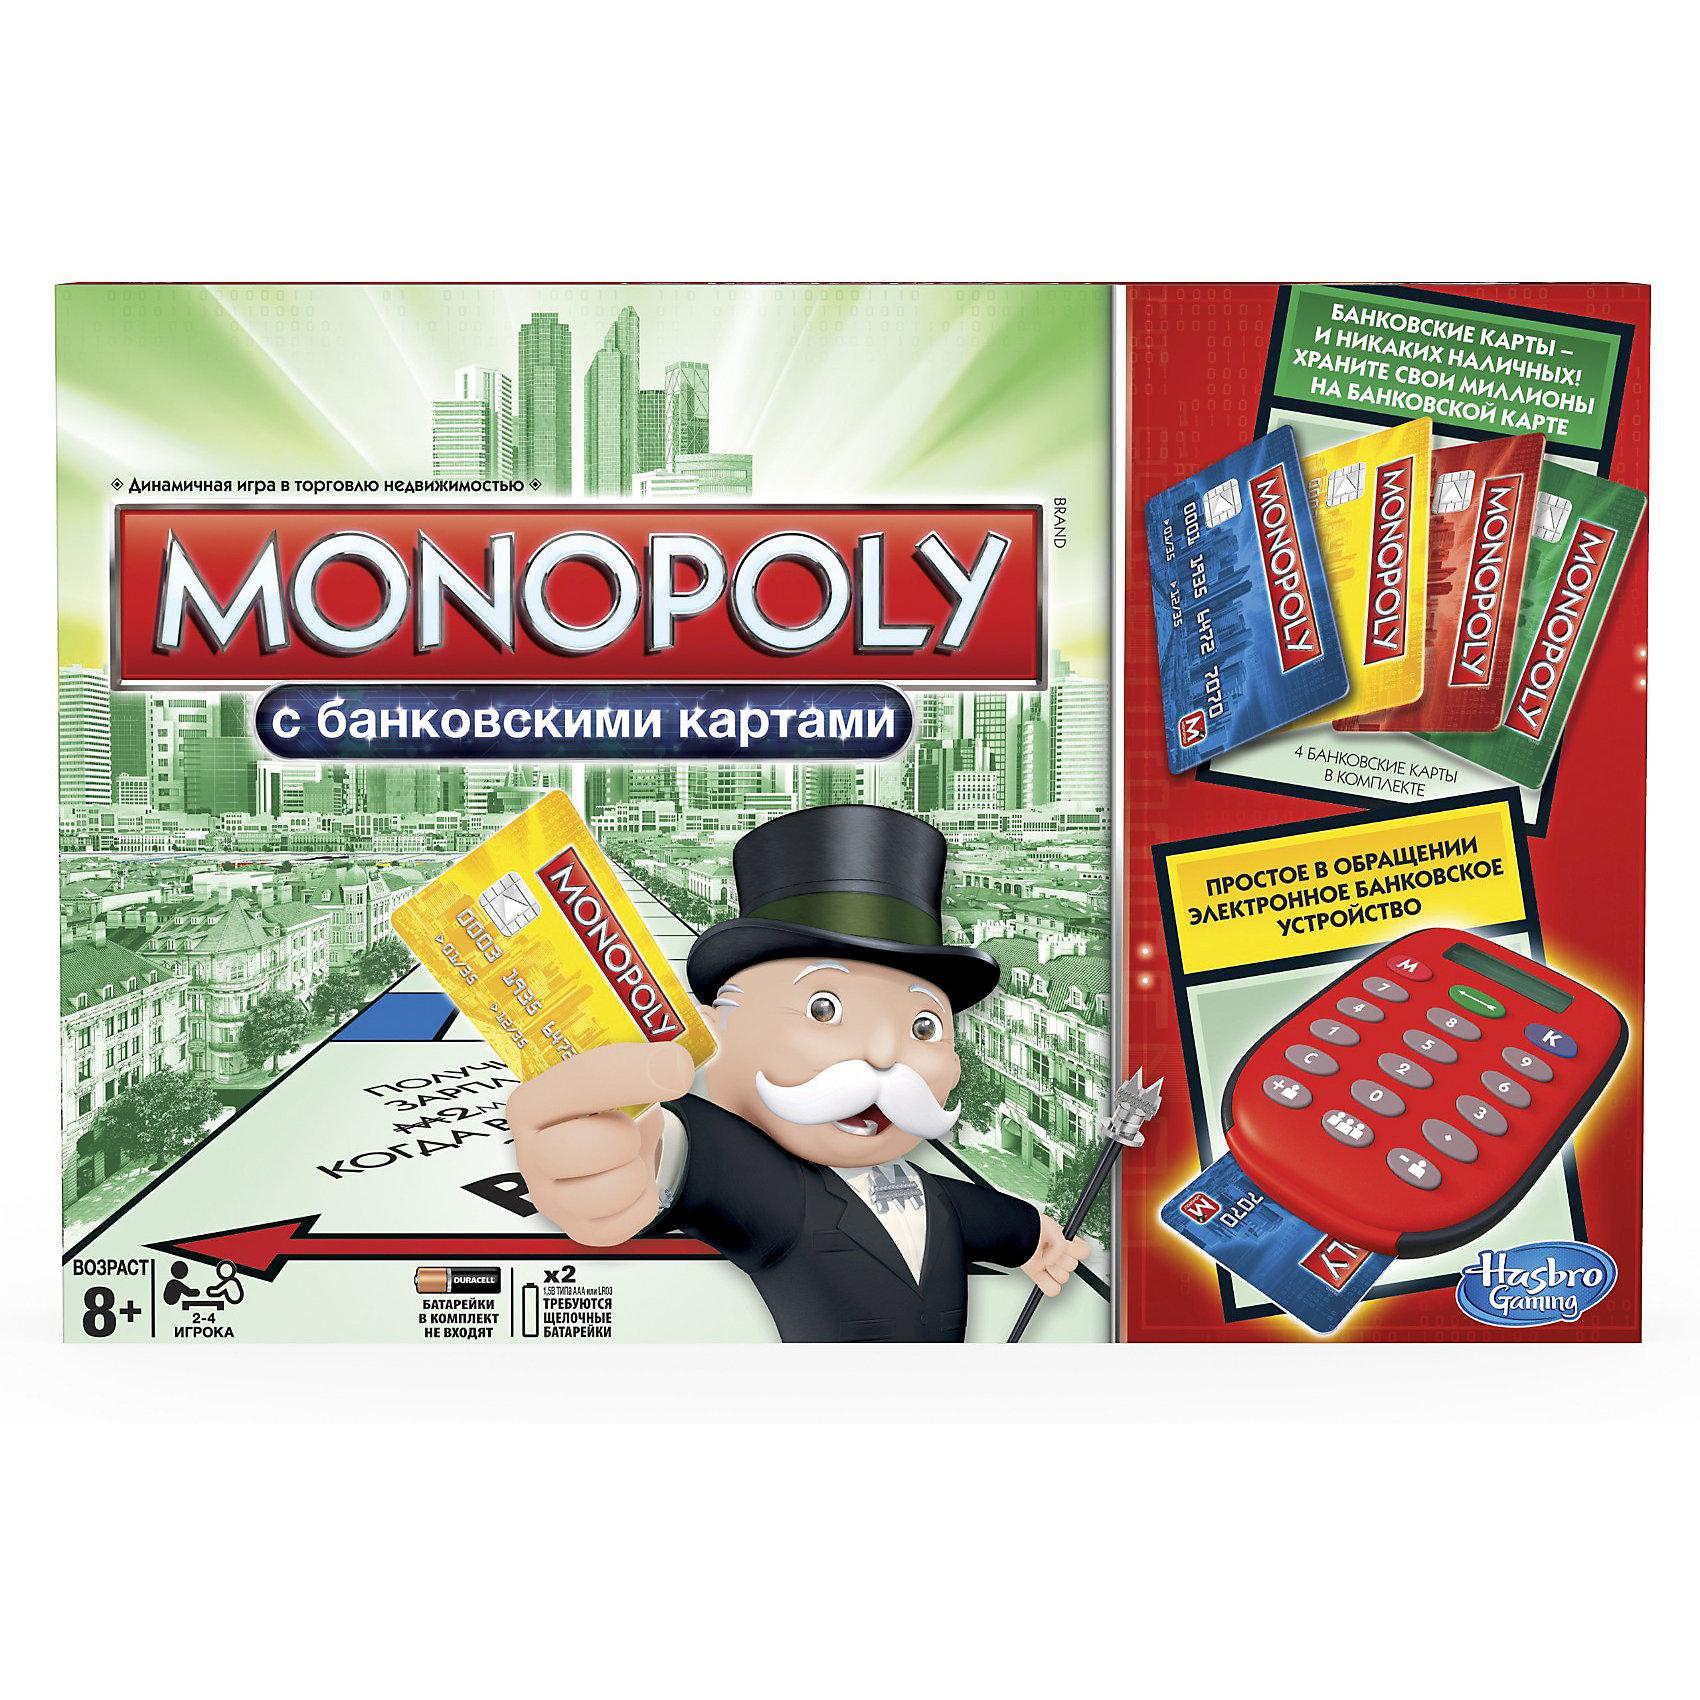 Монополия с банковскими карточками (обновленная), HasbroМонополия с банковскими карточками (обновленная), Hasbro. Известная и всеми любимая игра стала еще интереснее и интерактивнее. Идея игры осталась прежней. Игроки делят сферы влияния в современной России. Стартовый капитал для каждого - 15 миллионов. На игровом поле изображены крупные, значимые населенные пункты. Завладев участками одного цвета, вы получаете возможность строить свои города и отели. Но помните, что стартовый капитал , если его не преумножать, может быстро закончиться. В отличие от старой версии игры, в этой - игроки расплачиваются не наличными, а карточкой  Виза. Делают они это с помощью специального терминала оплаты, который входит в комплект игры. Это приятное нововведение значительно упрощает расчеты и экономит время. Игра развивает экономические навыки и мышление в целом. <br><br>Дополнительная информация:<br><br>- Материал: картон, пластик, металл.<br>- Количество игроков: 2-4.<br>- Тип батареек для платежного терминала: 2 х AAА / LR6 1.5V .<br>- Батарейки не входят в комплект.<br>- Комплектация: <br>   игровое поле - 1 шт.<br>   электронное банковское устройство – 1 шт.<br>   игральные фишки – 4 шт.<br>   карточки на право собственности- 28 шт.<br>   карточки Шанс<br>  карточки общественной казны- 16 шт.<br>  банковские карточки – 6 шт.<br>   дома – 32 шт.<br>   отели – 12 шт.<br>   игральные кубики – 2 шт.<br>   правила игры – 1 шт.<br>- Игра полностью русифицирована. <br>- Инструкция на русском языке.<br><br>Игру Монополию, с банковскими карточками, новую  версию, Hasbro можно купить в нашем магазине.<br><br>Ширина мм: 50<br>Глубина мм: 400<br>Высота мм: 267<br>Вес г: 936<br>Возраст от месяцев: 96<br>Возраст до месяцев: 192<br>Пол: Унисекс<br>Возраст: Детский<br>SKU: 3854427